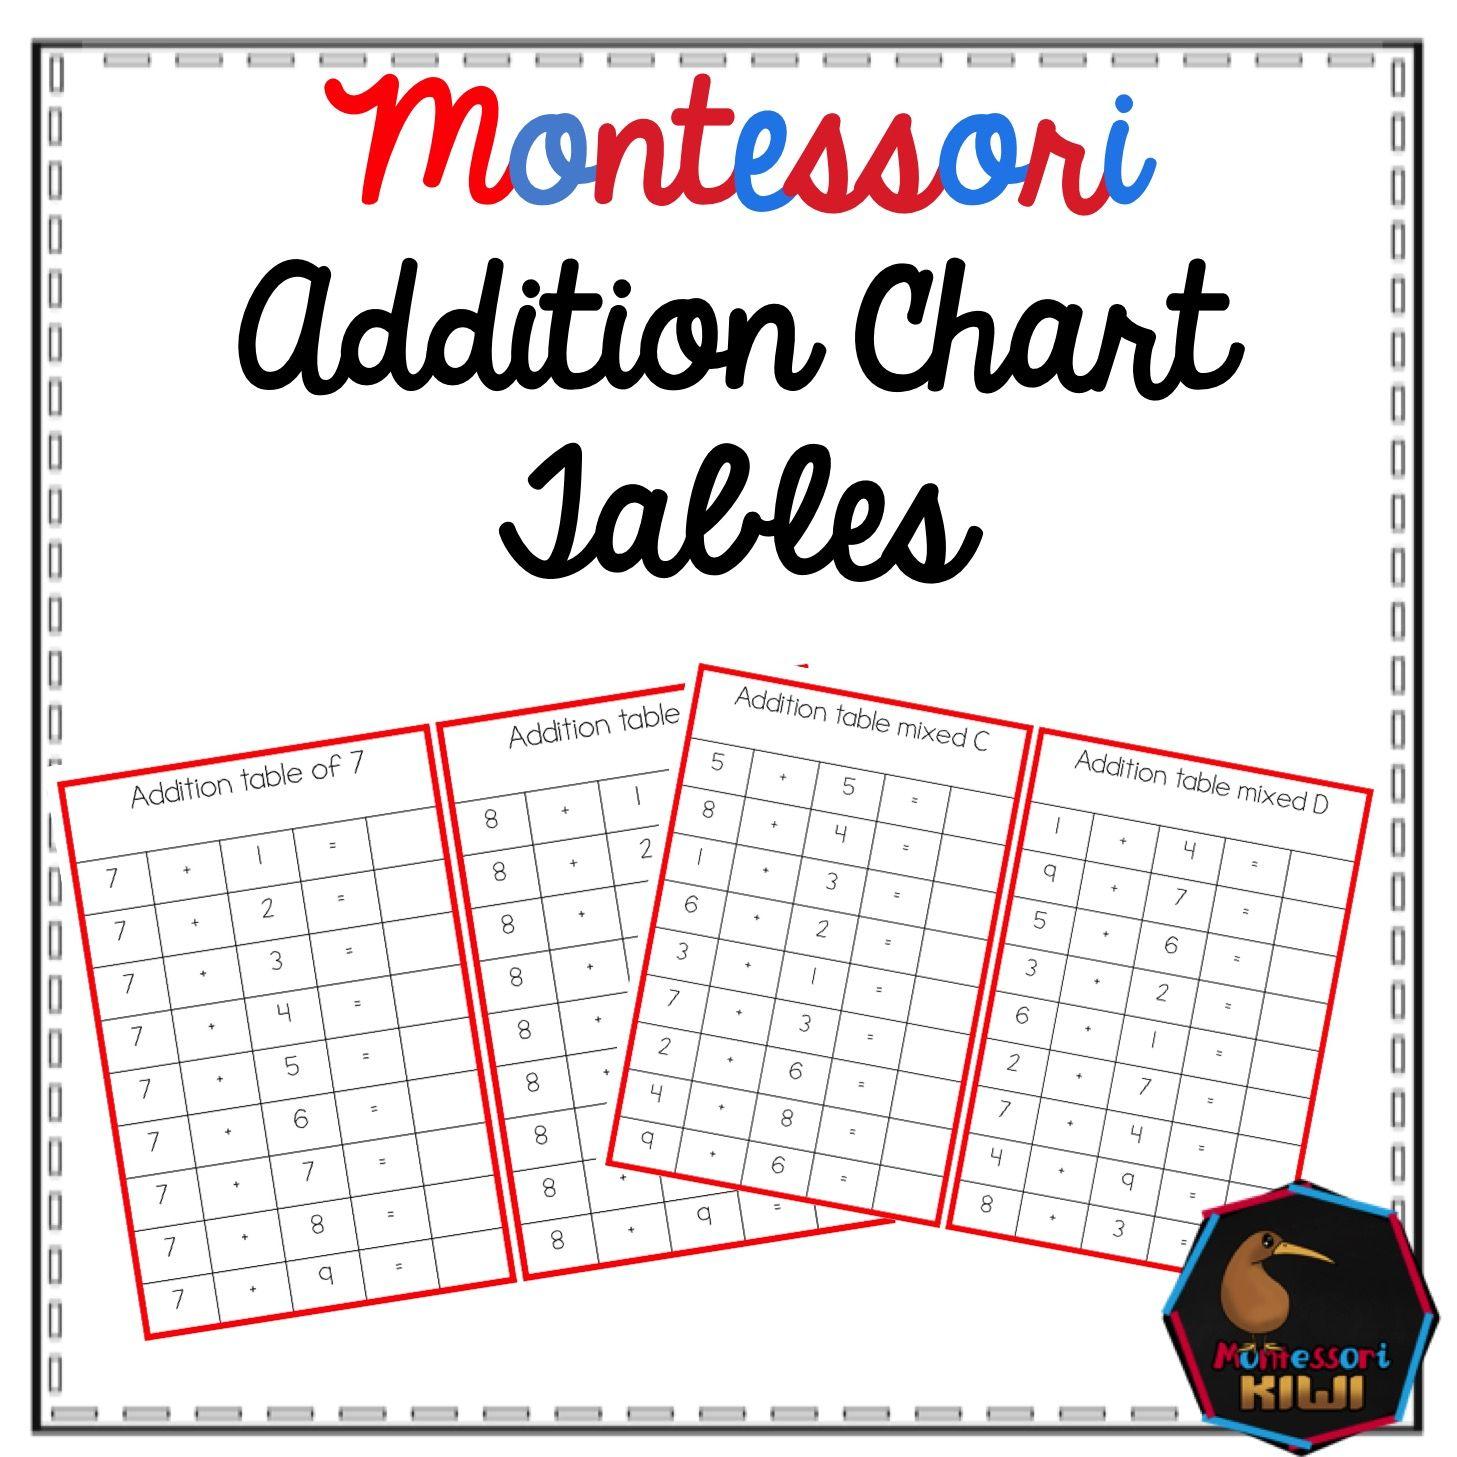 Addition Tables montessori math material | Montessori Ideas ...